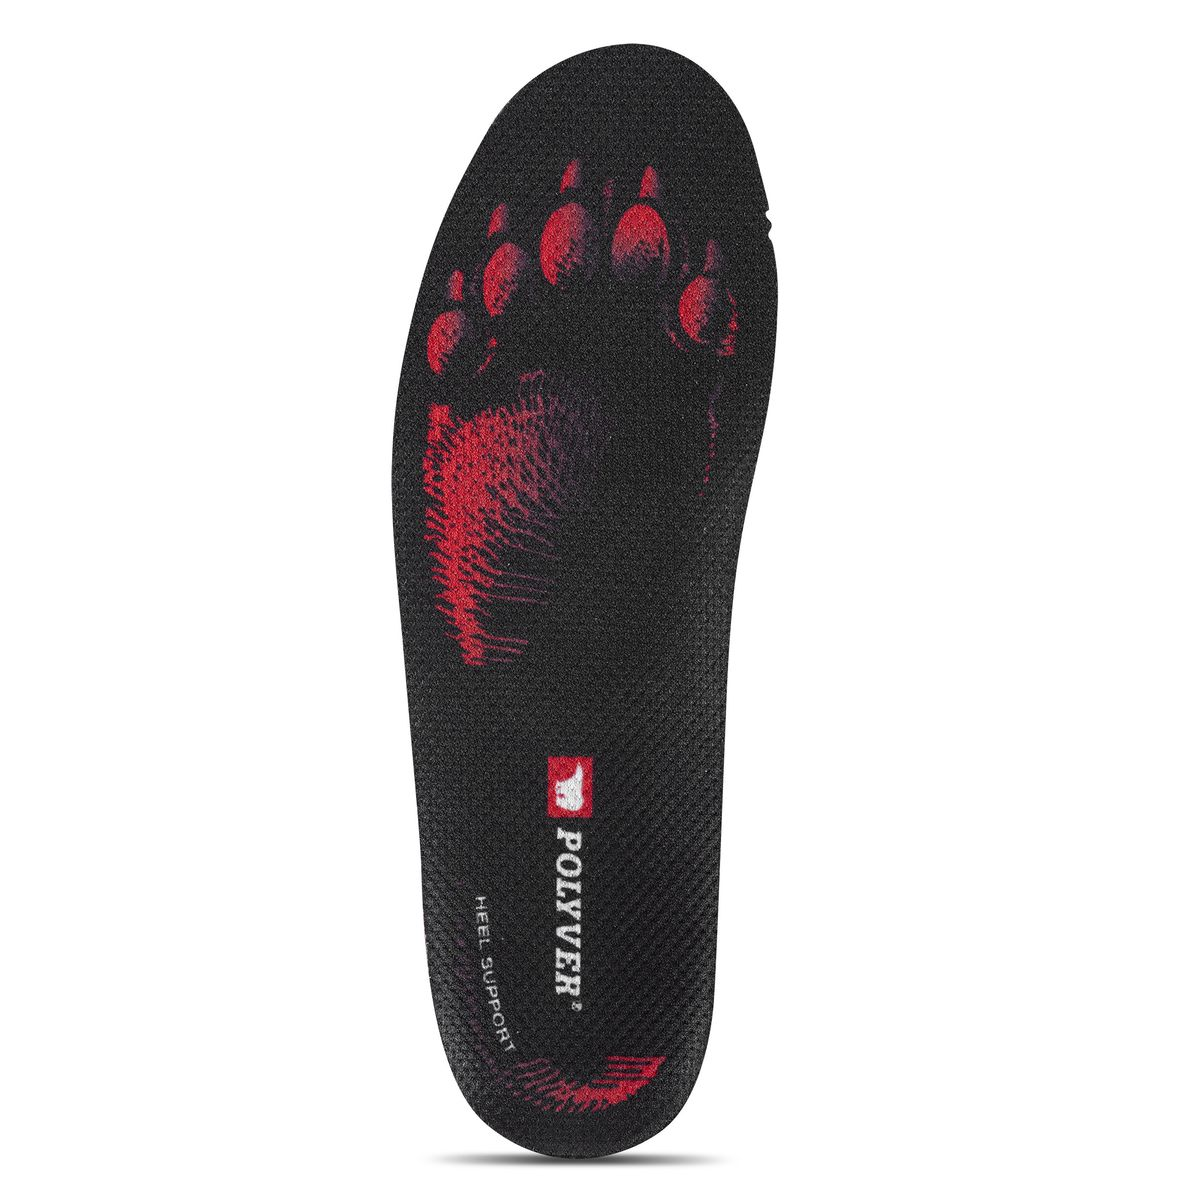 Стельки мужские POLYVER PREMIUM, цвет: красно-черный. Размер: 42-43280647Термоизоляционные стельки Polyver отлично защищают ноги от холода при этом отводя лишнюю влагу. Стельки состоят из трех слоев: впитывающий влагу, амортизационный, термоизоляционный. Комфорт:- анатомическая форма с поддержкой пятки- стабилизация стопы для уменьшения боли с суставах- повышает устойчивость и уменьшает усталость - производятся только в Швеции